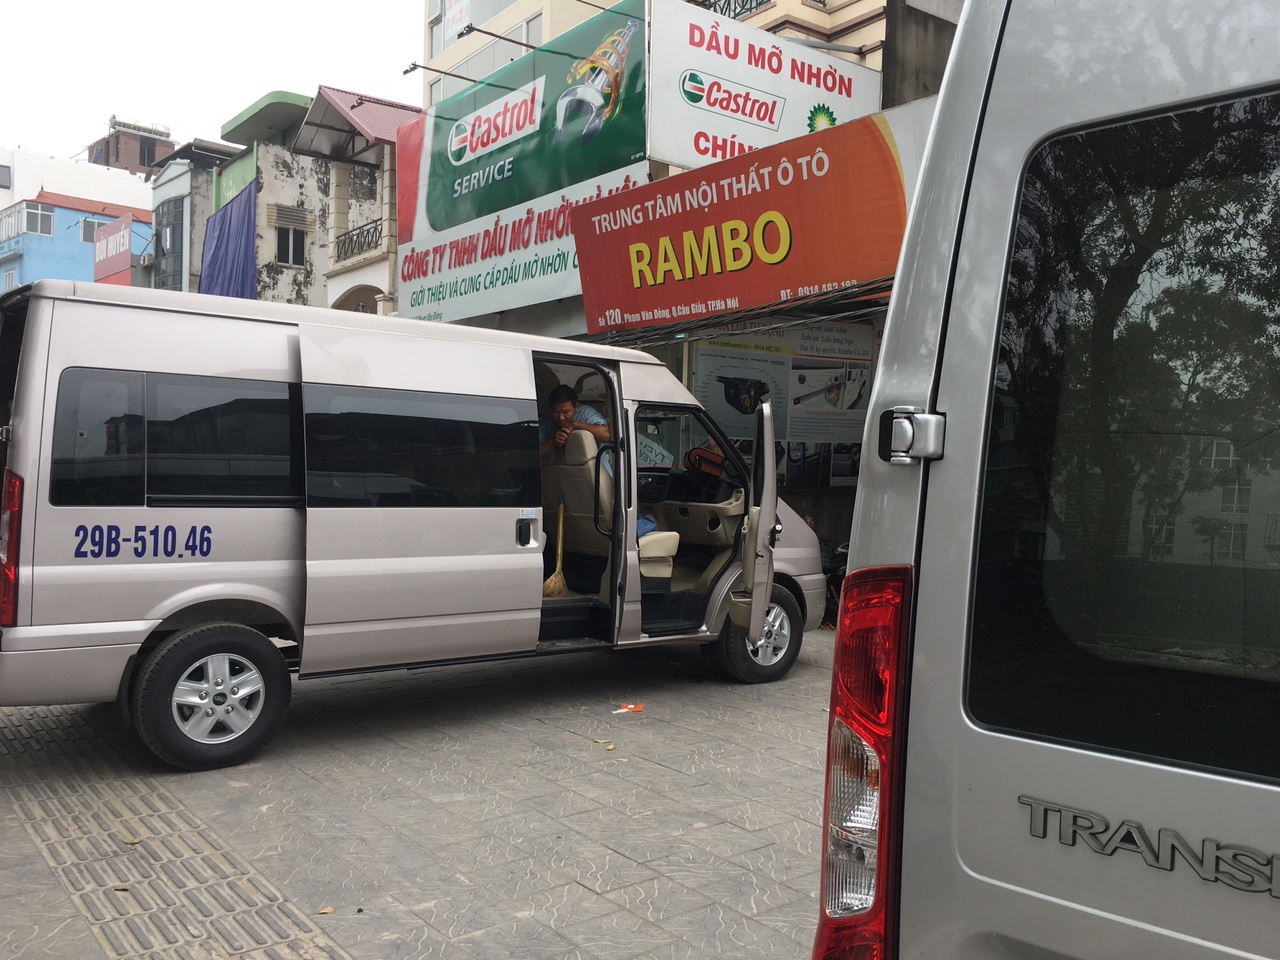 Phu kien o to Ford Transit 2019 tai ha noi - Full đồ chơi lắp đặt tại Rambo